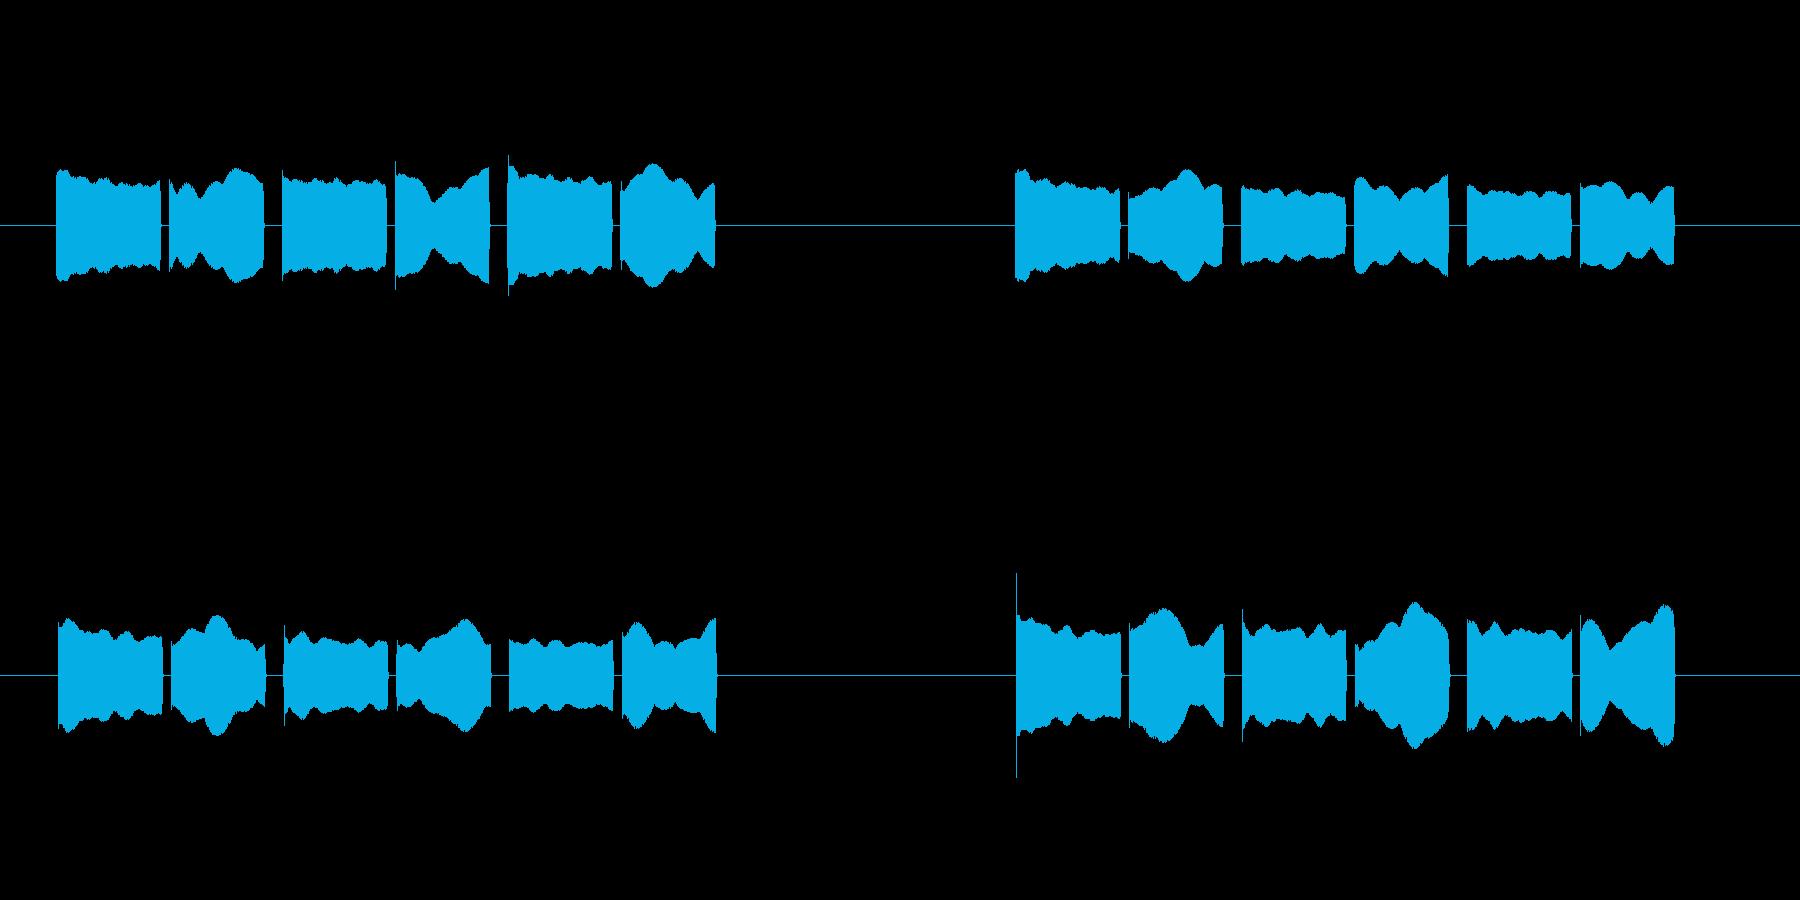 体温計 タイマー 電子音 ピコピコピコの再生済みの波形